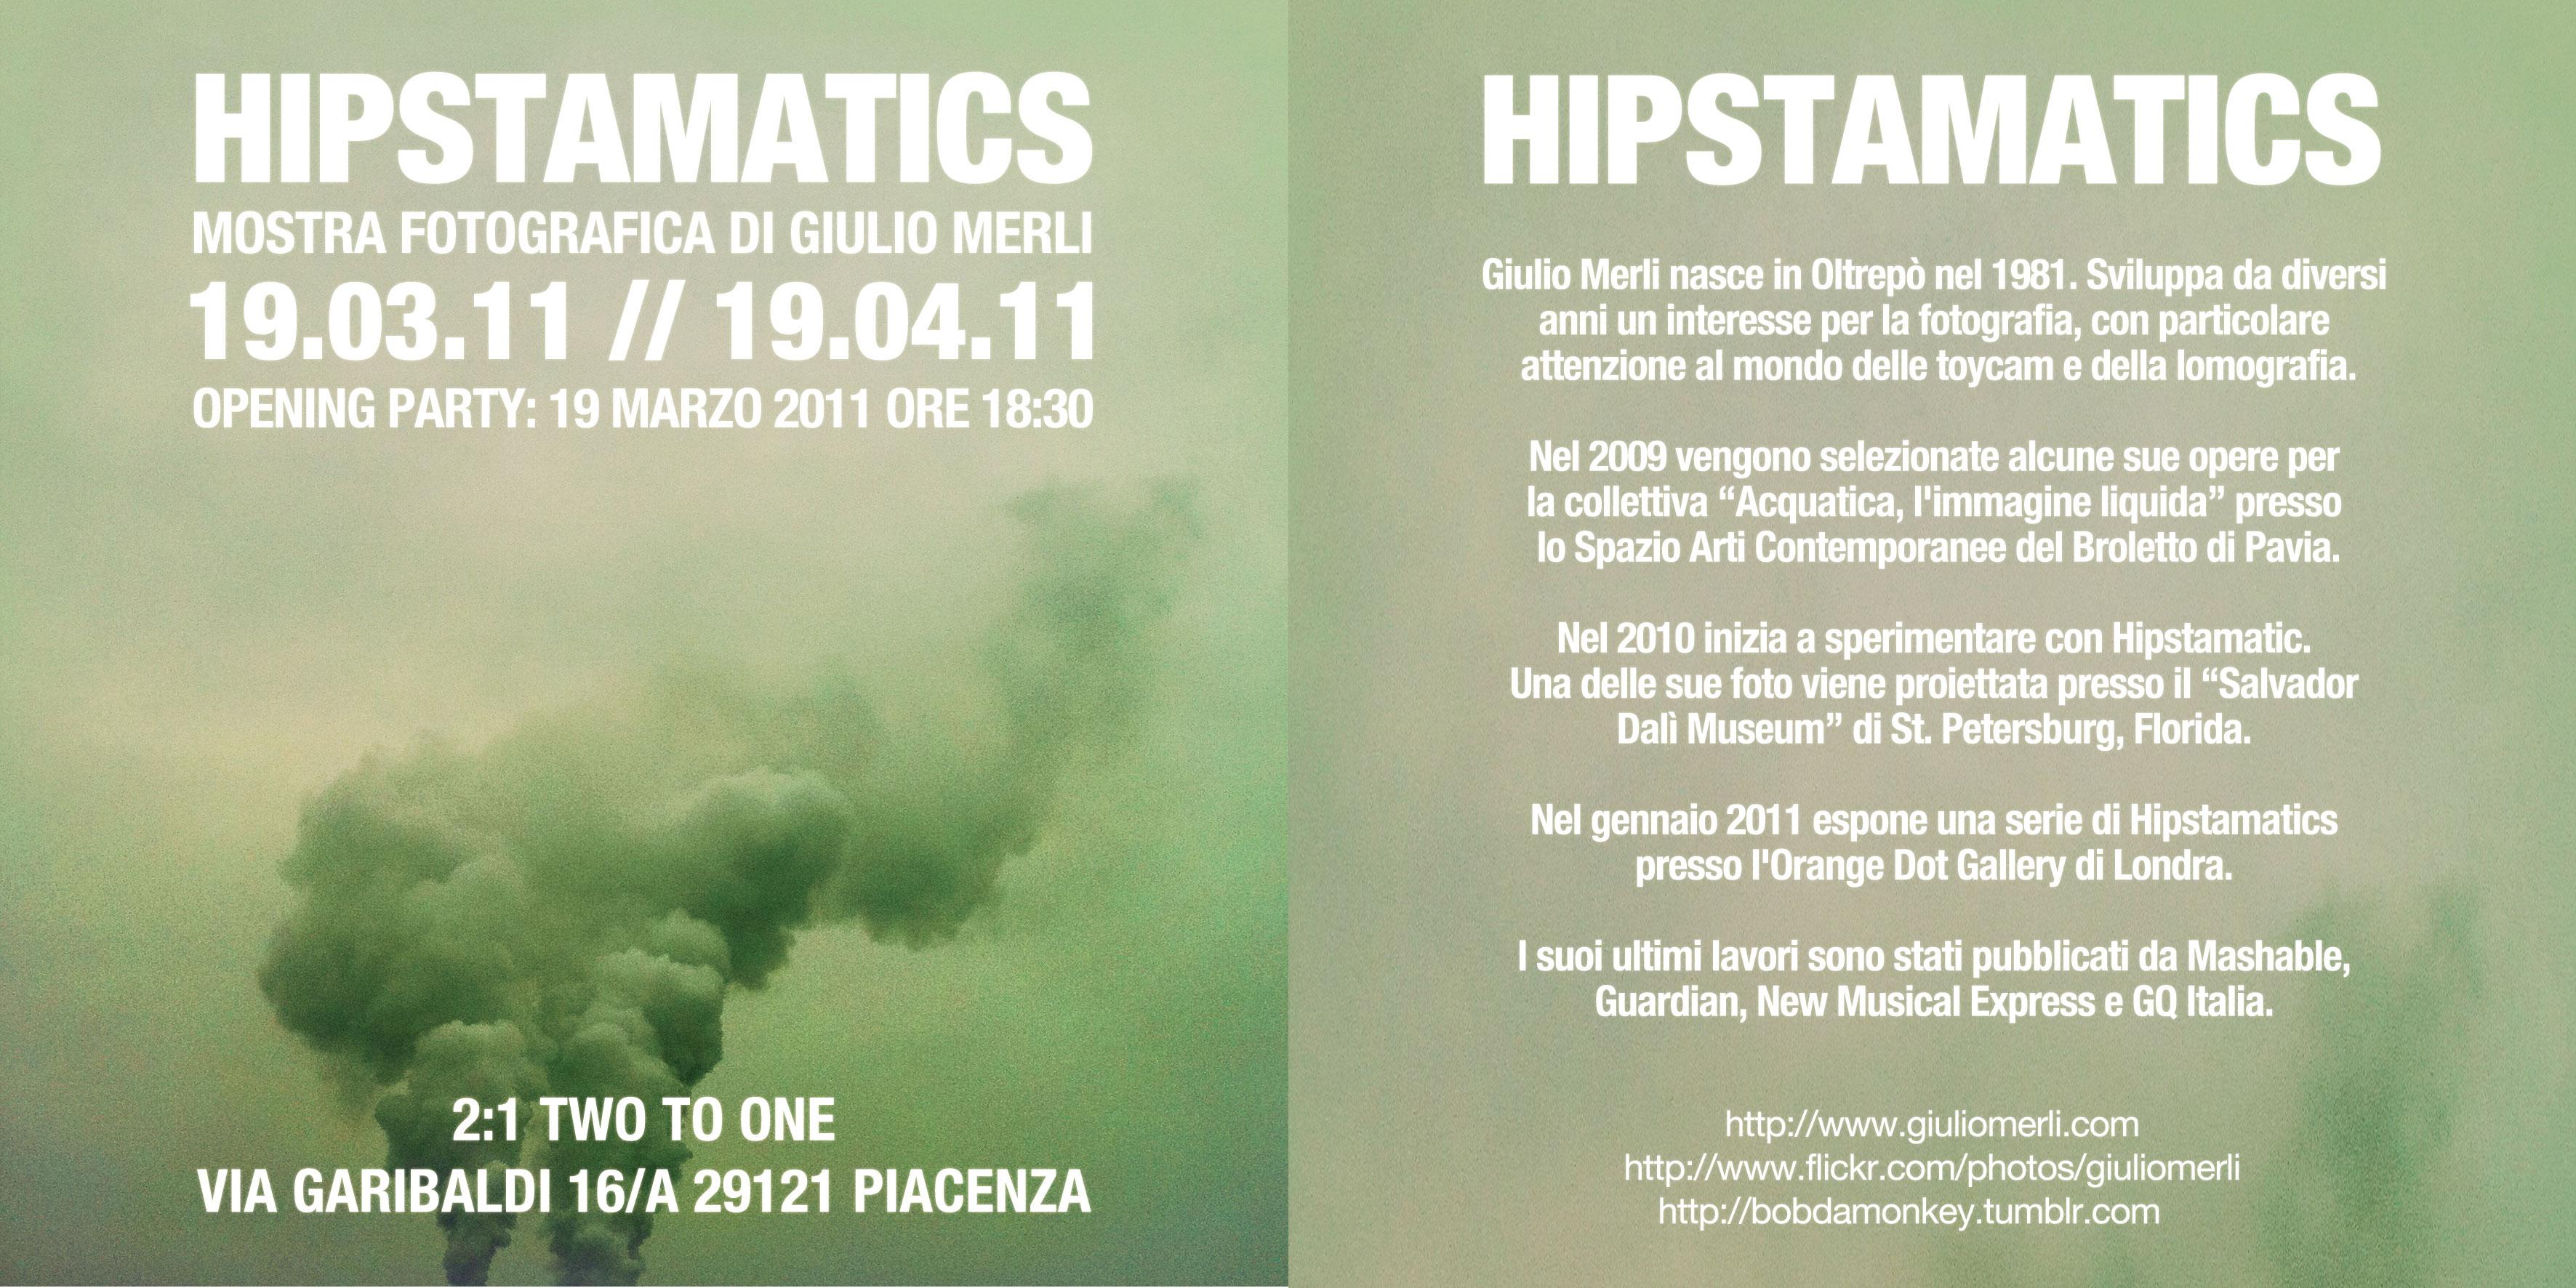 Mostra di fotografie realizzate con Hipstamatic a Piacenza il prossimo 19 Marzo